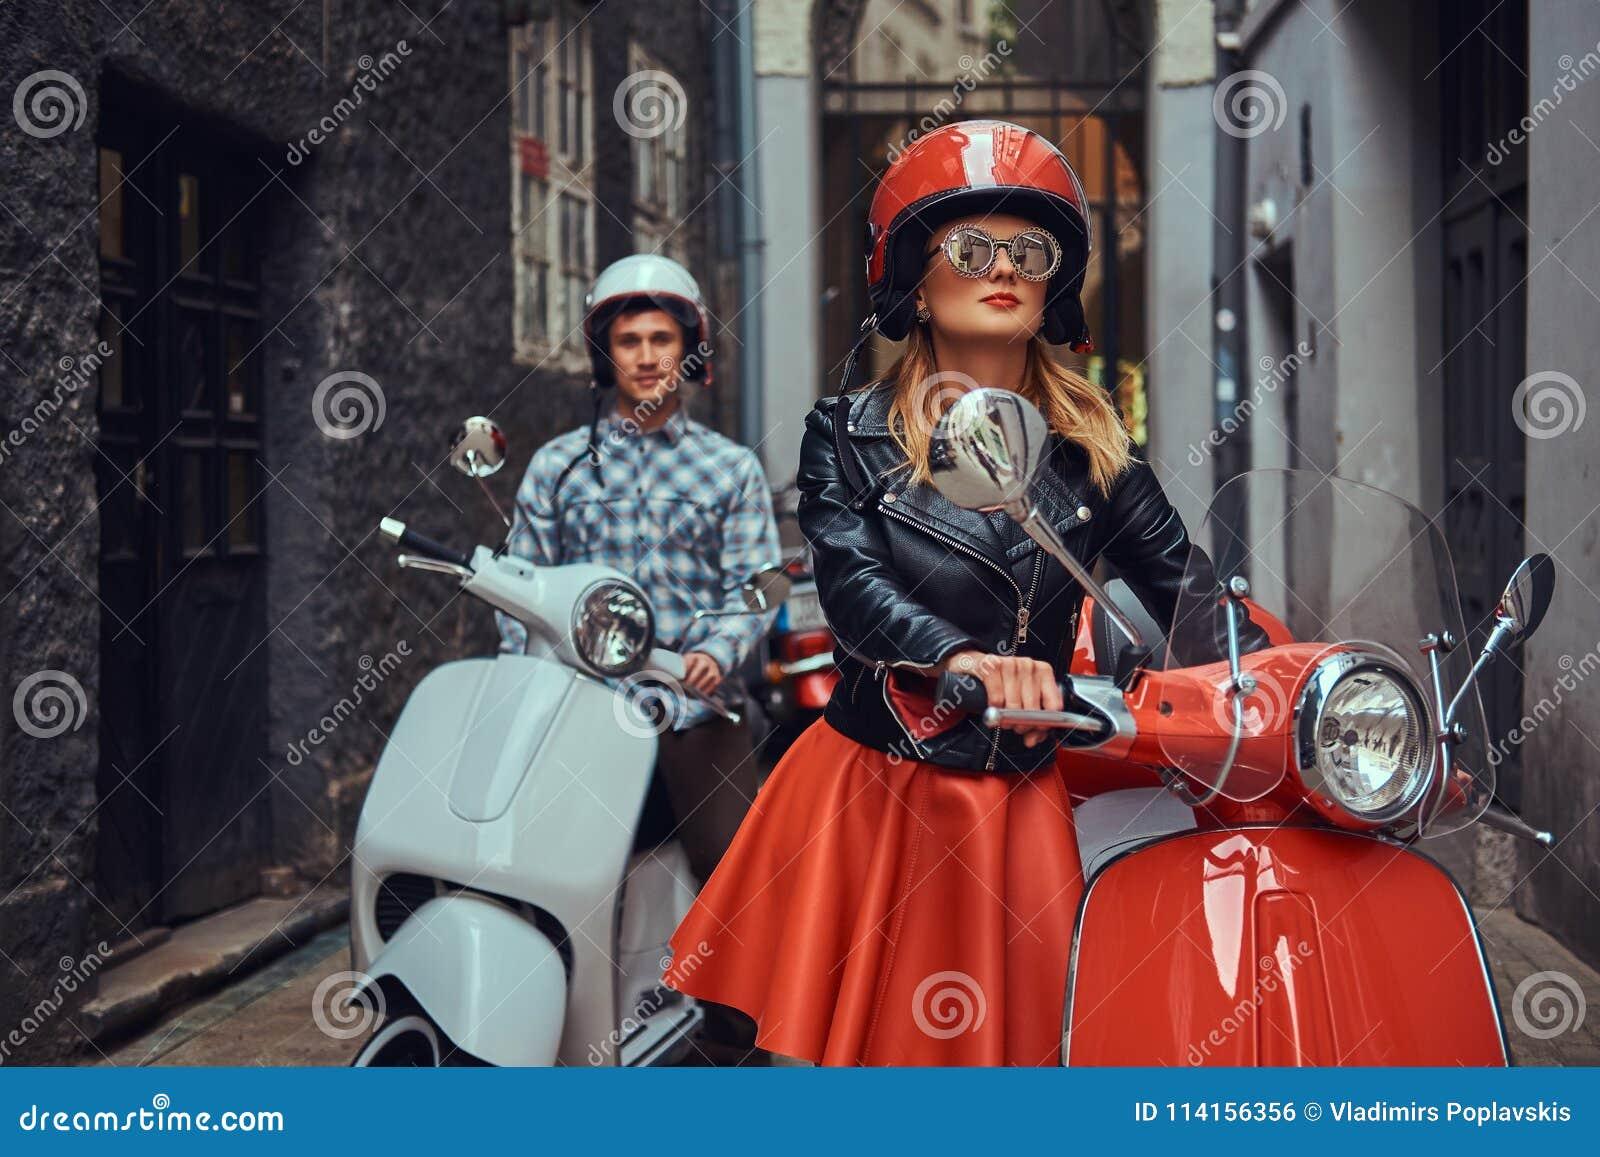 Красивый человек и сексуальная стильная девушка идут с ретро итальянскими самокатами вдоль старых улиц города